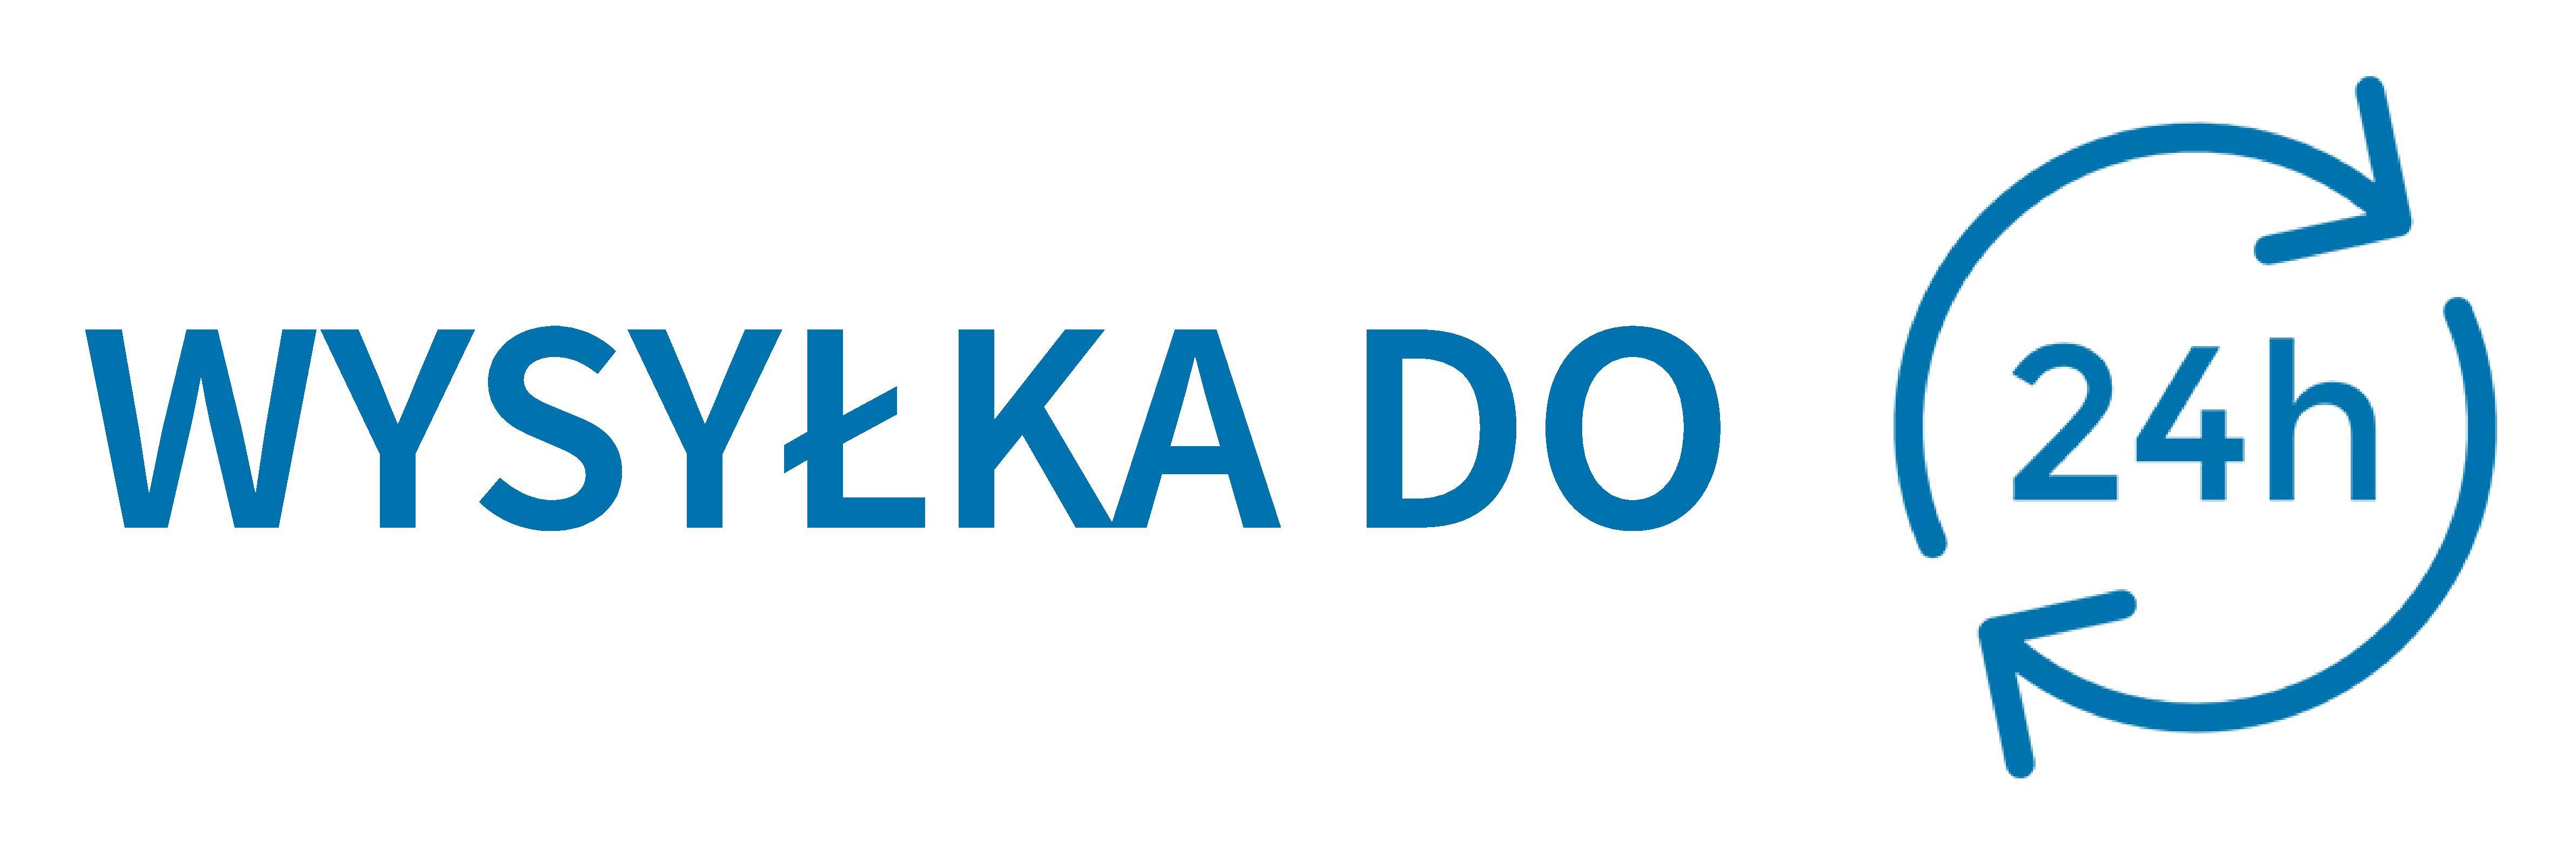 logo wysyłka 24h_1.jpg